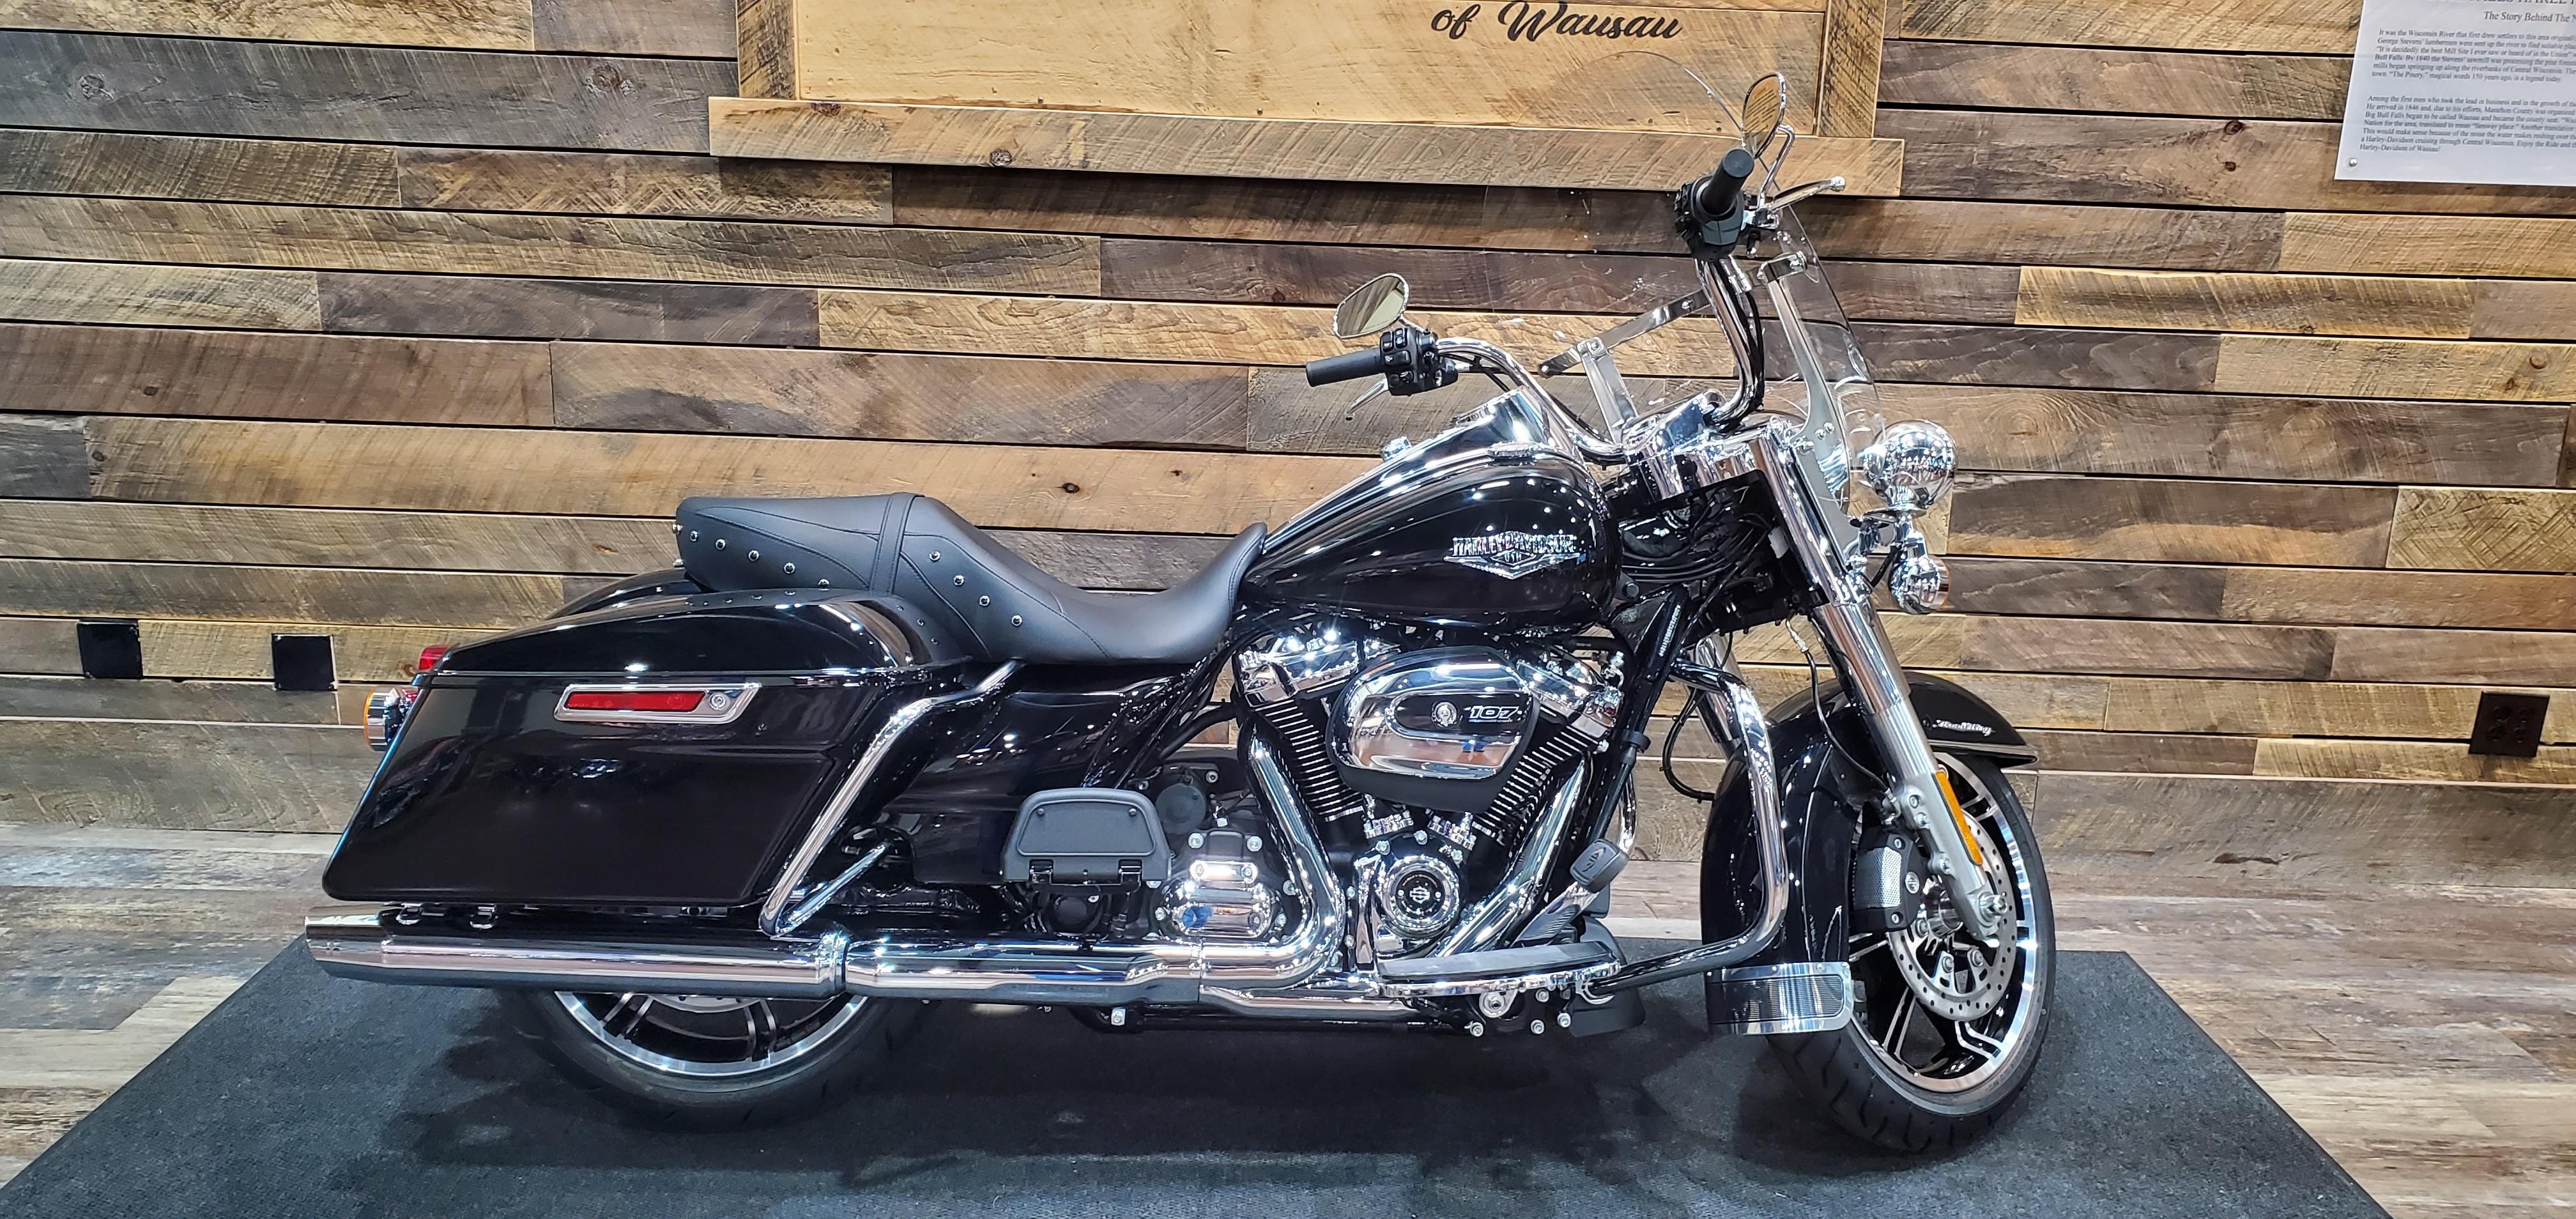 2021 Harley-Davidson Grand American Touring Road King at Bull Falls Harley-Davidson